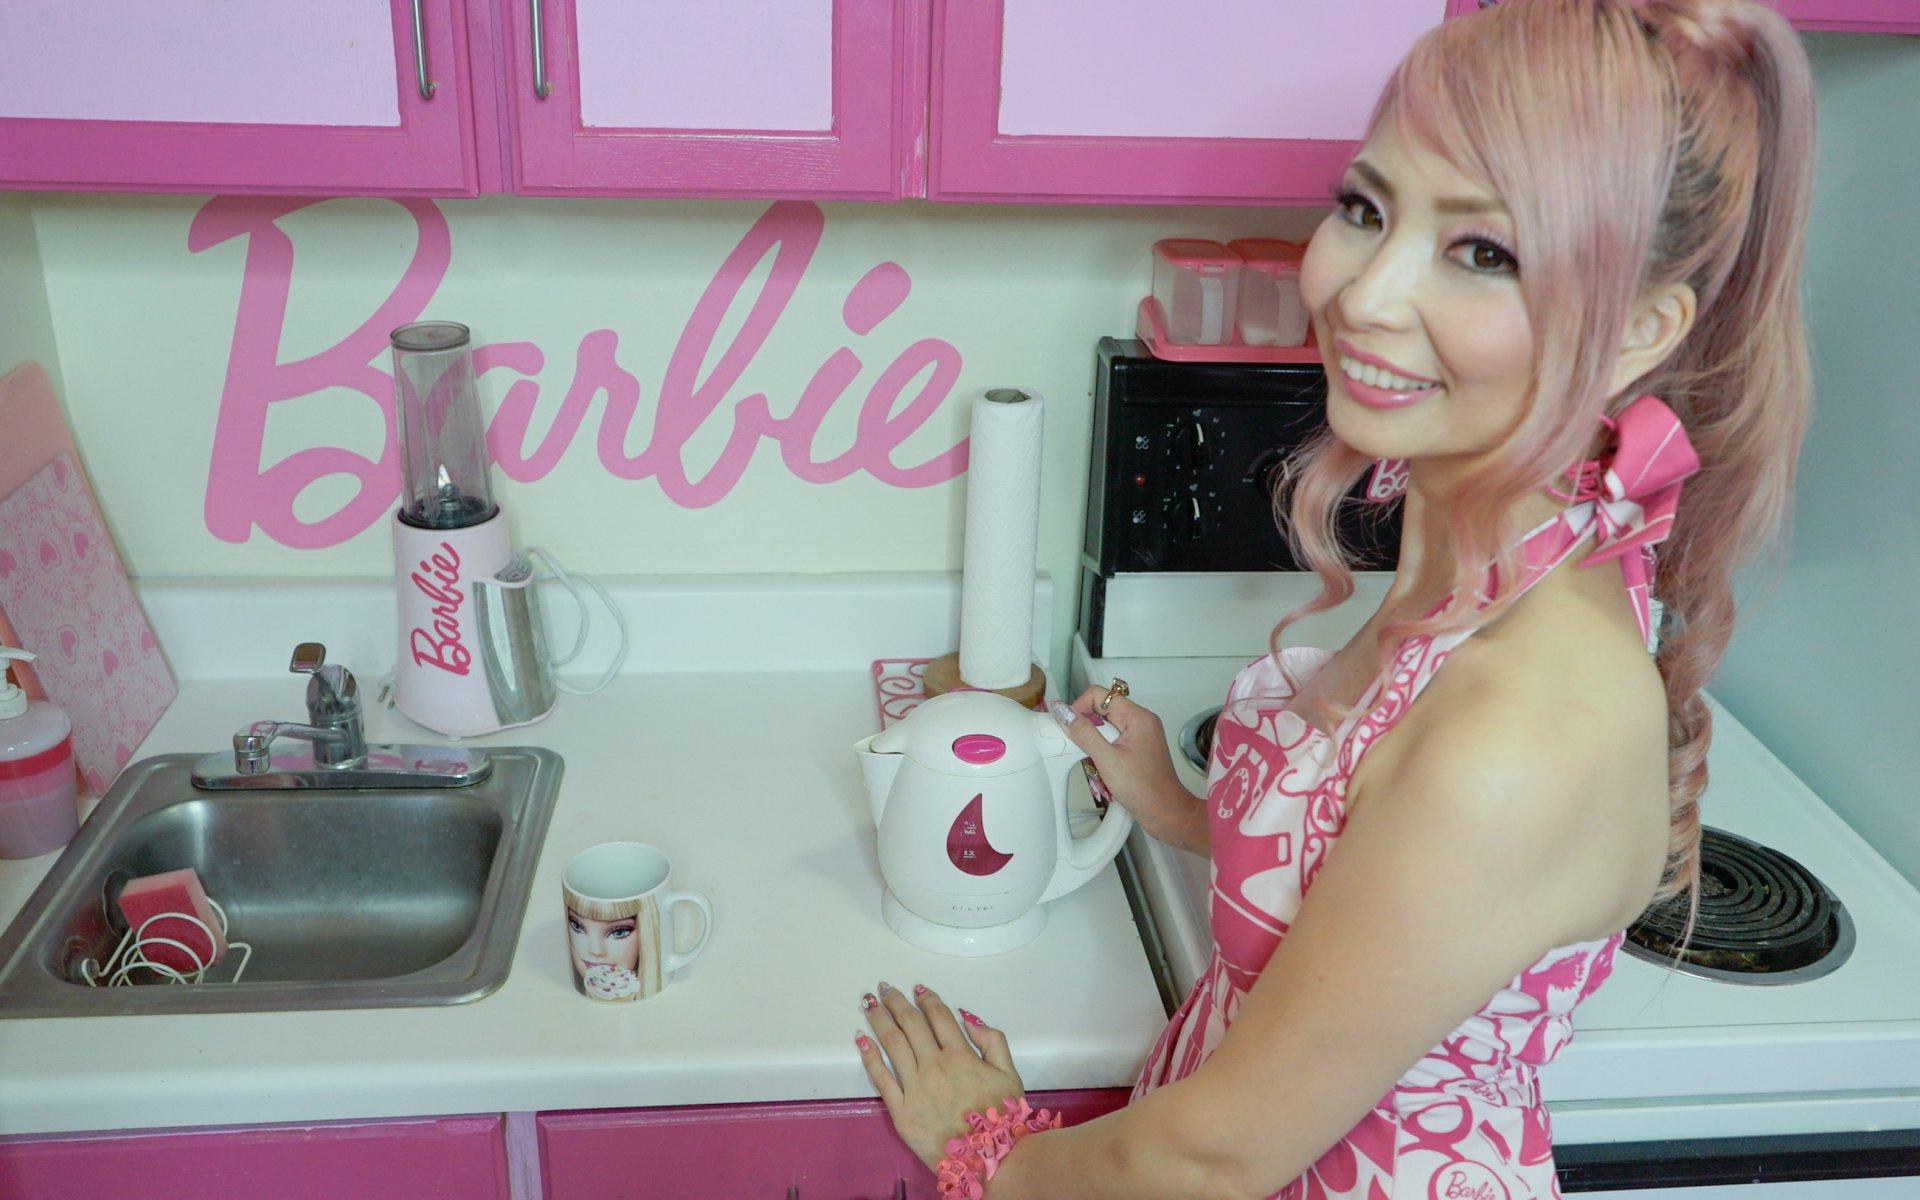 34-летняя женщина живет в кукольном доме. Фото